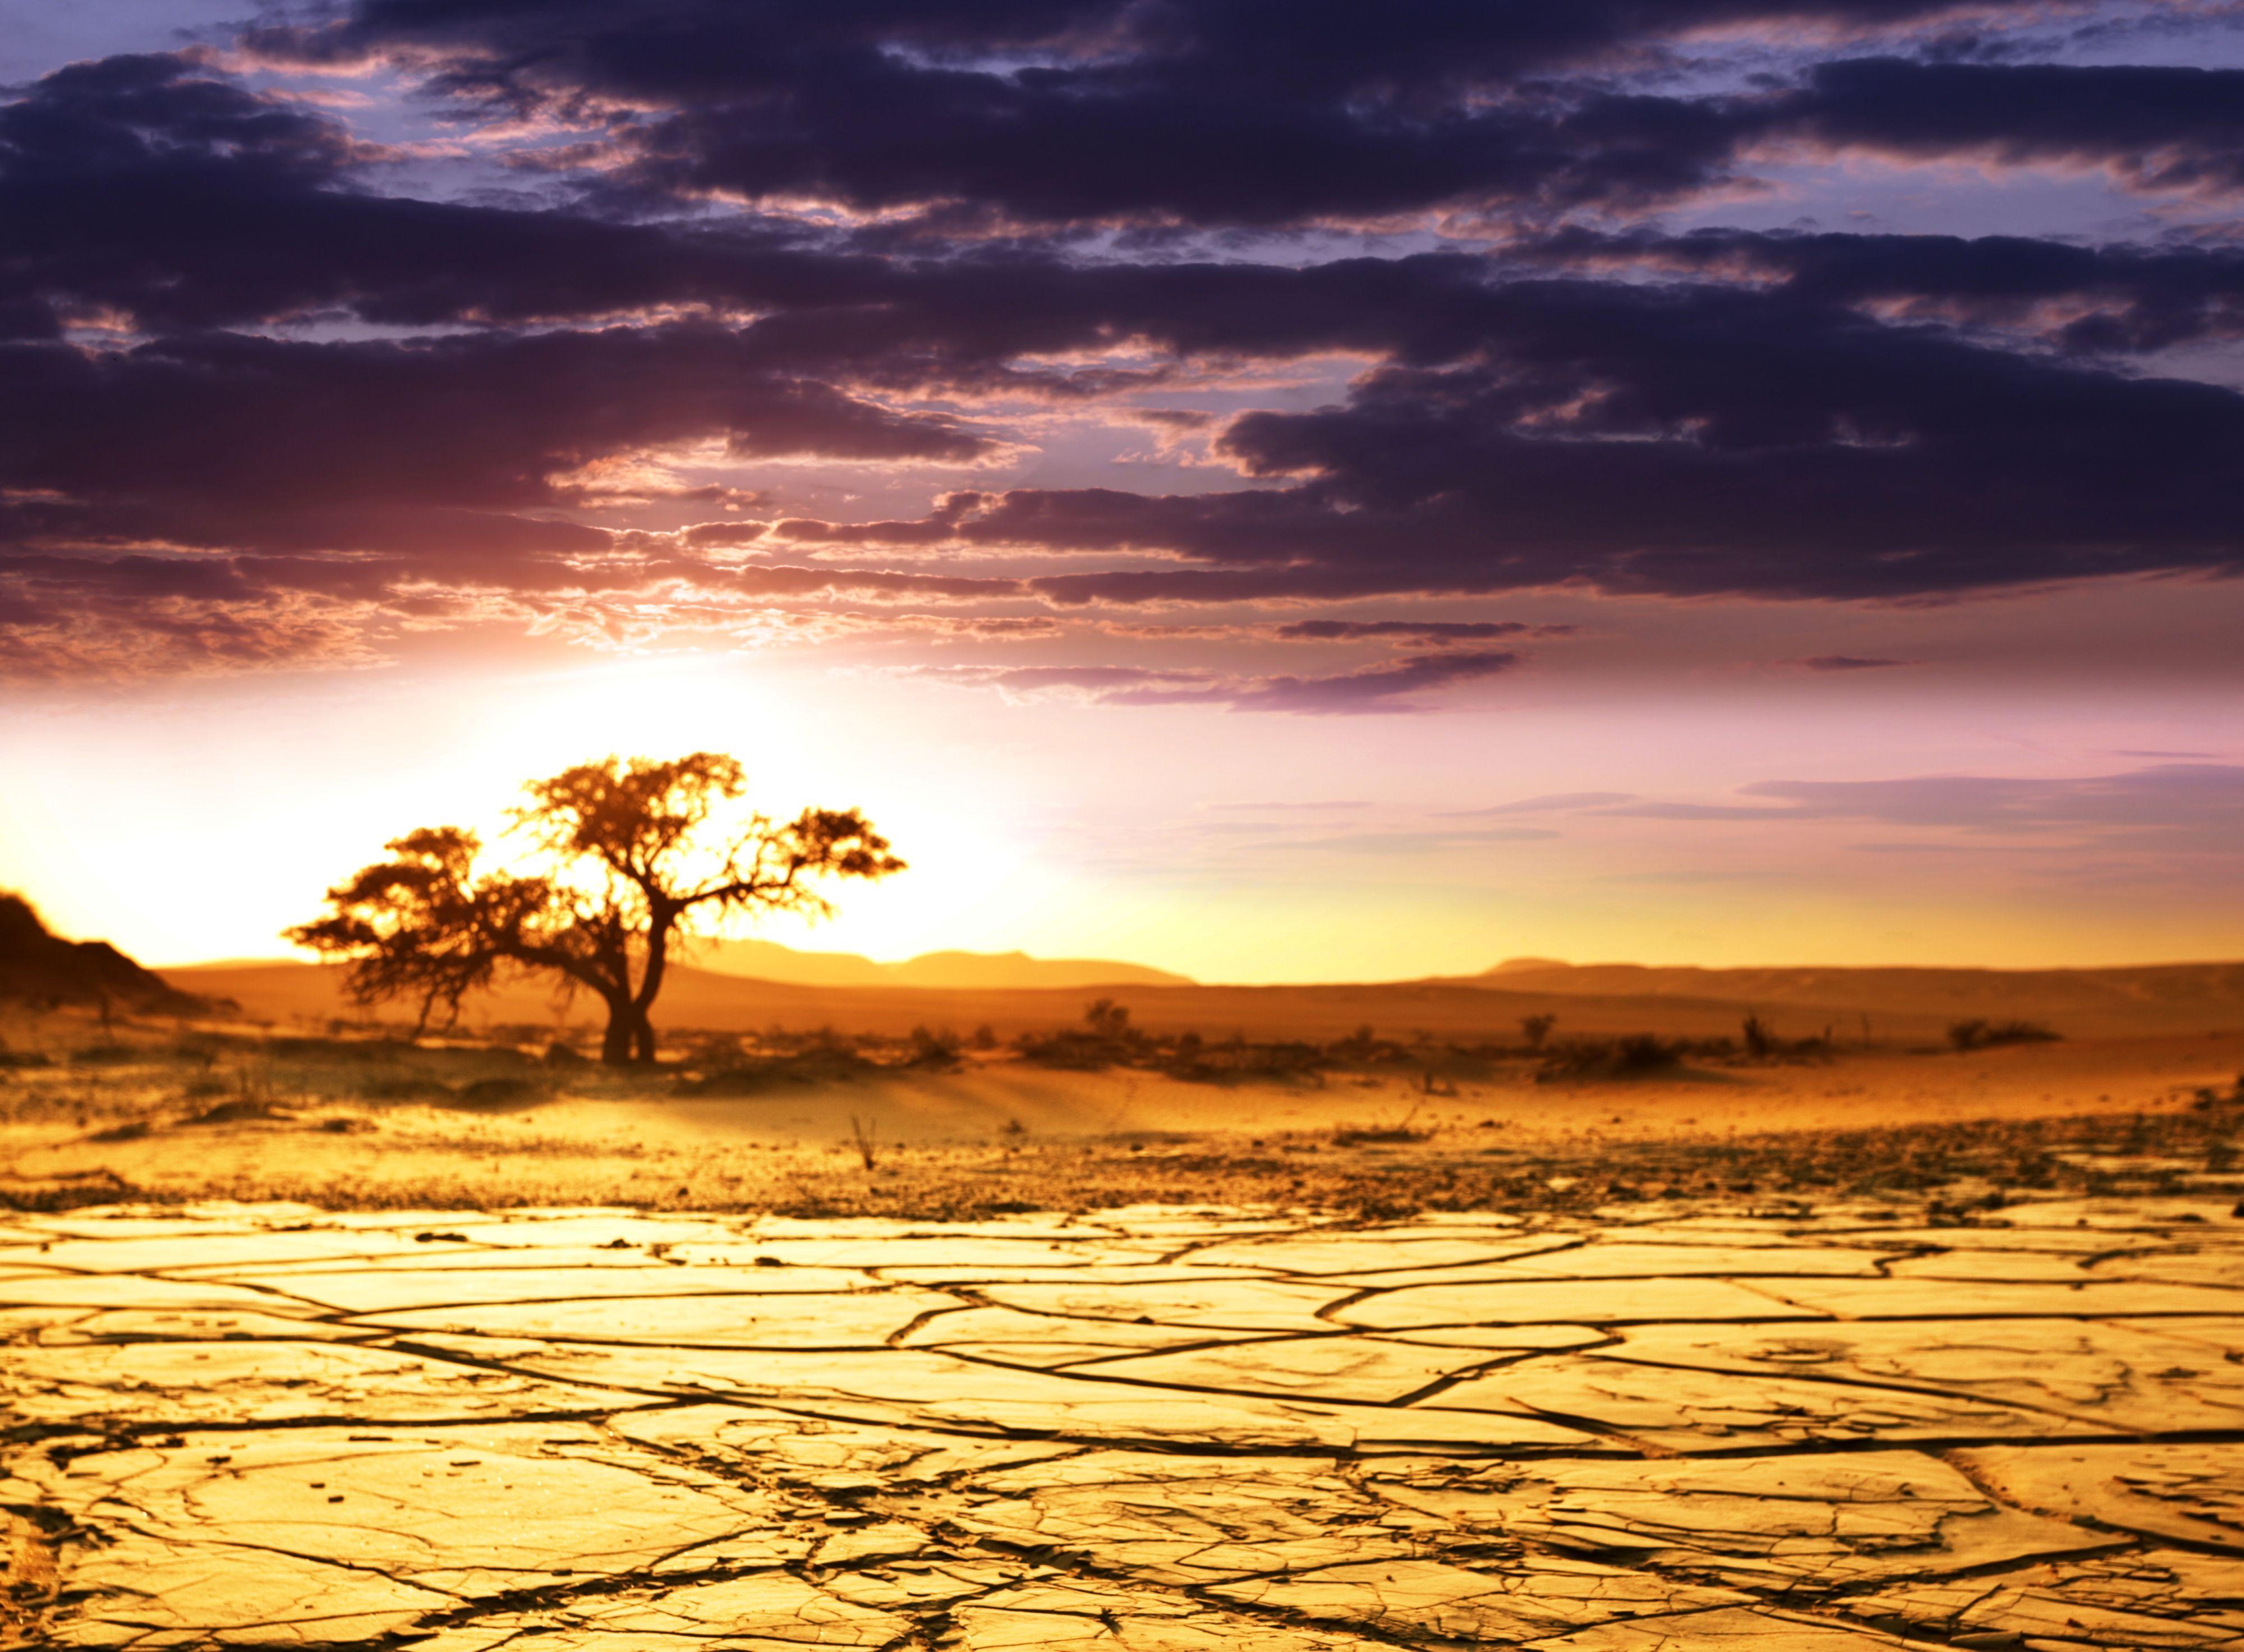 слободе данилова фотообои закат в африке продаже